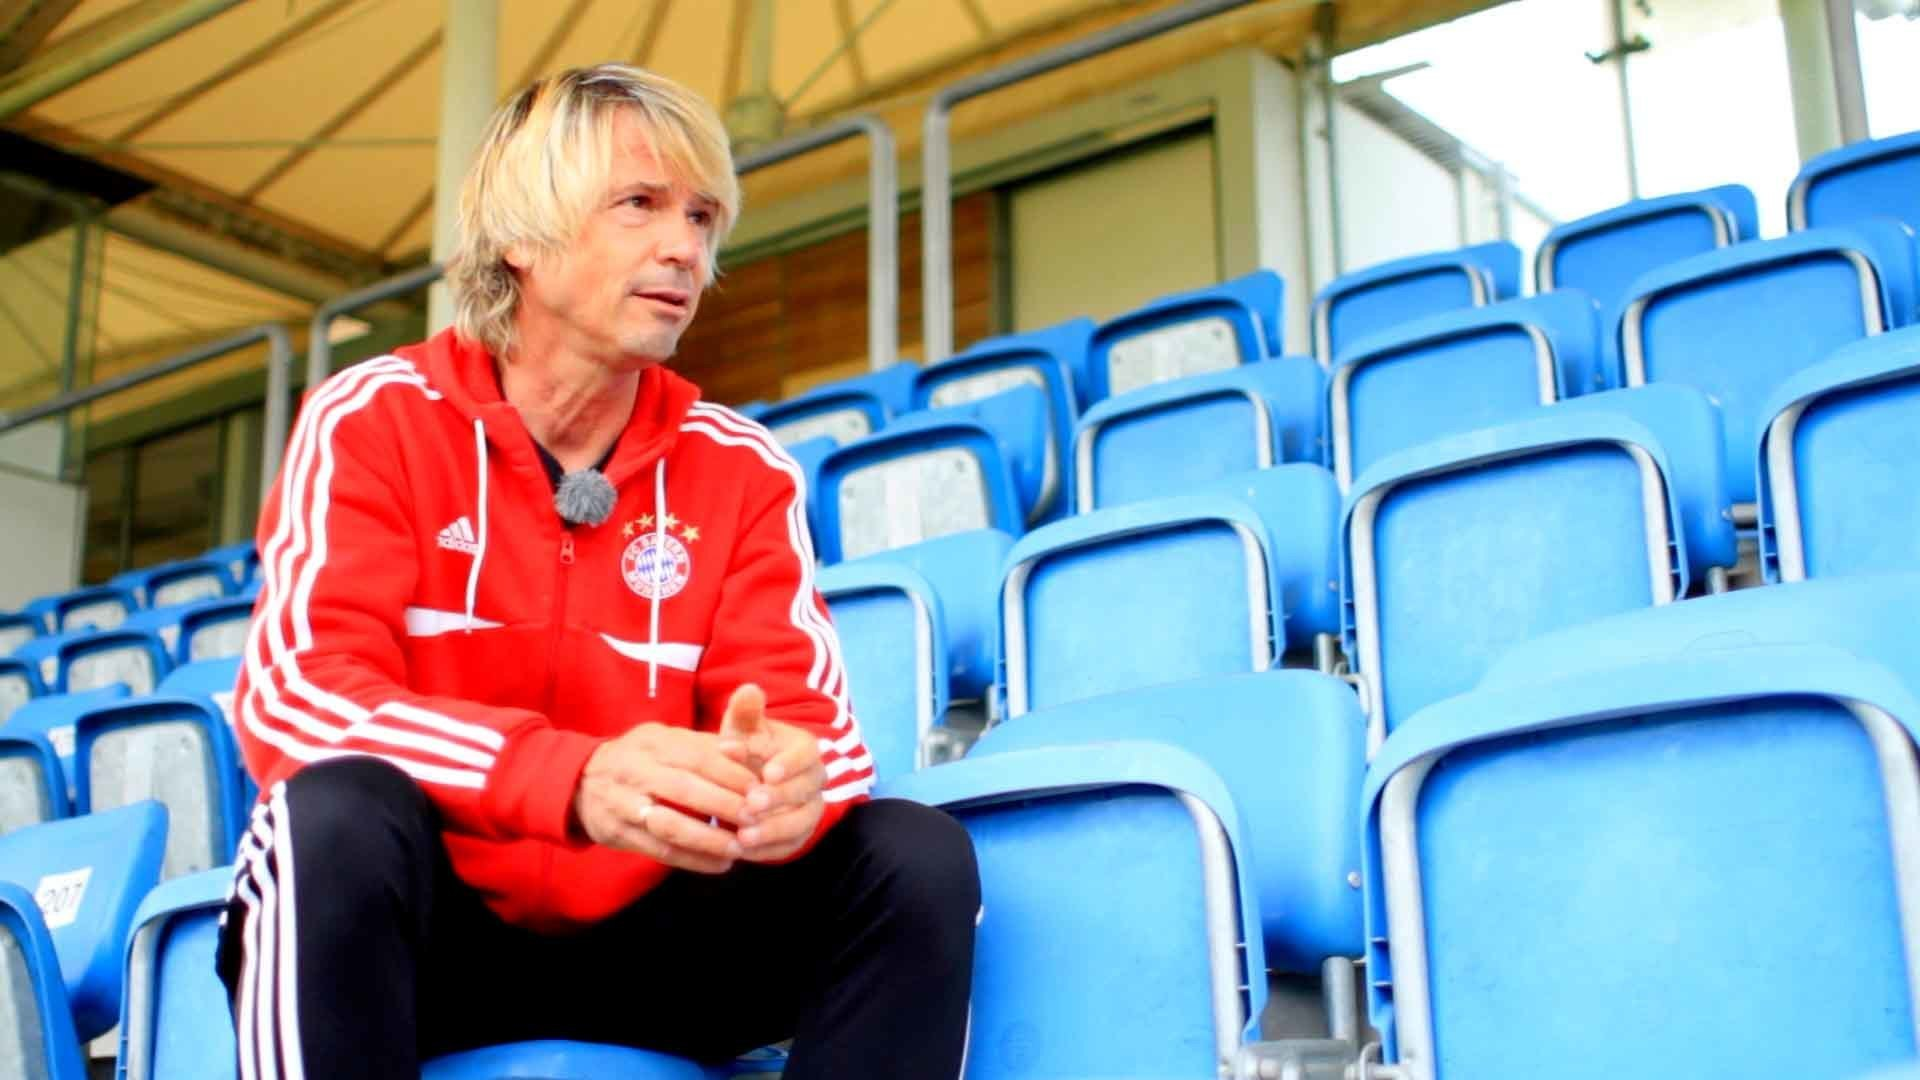 Matthias Nowak über das Erlernen von neuen Fußballtricks & Bewegungen